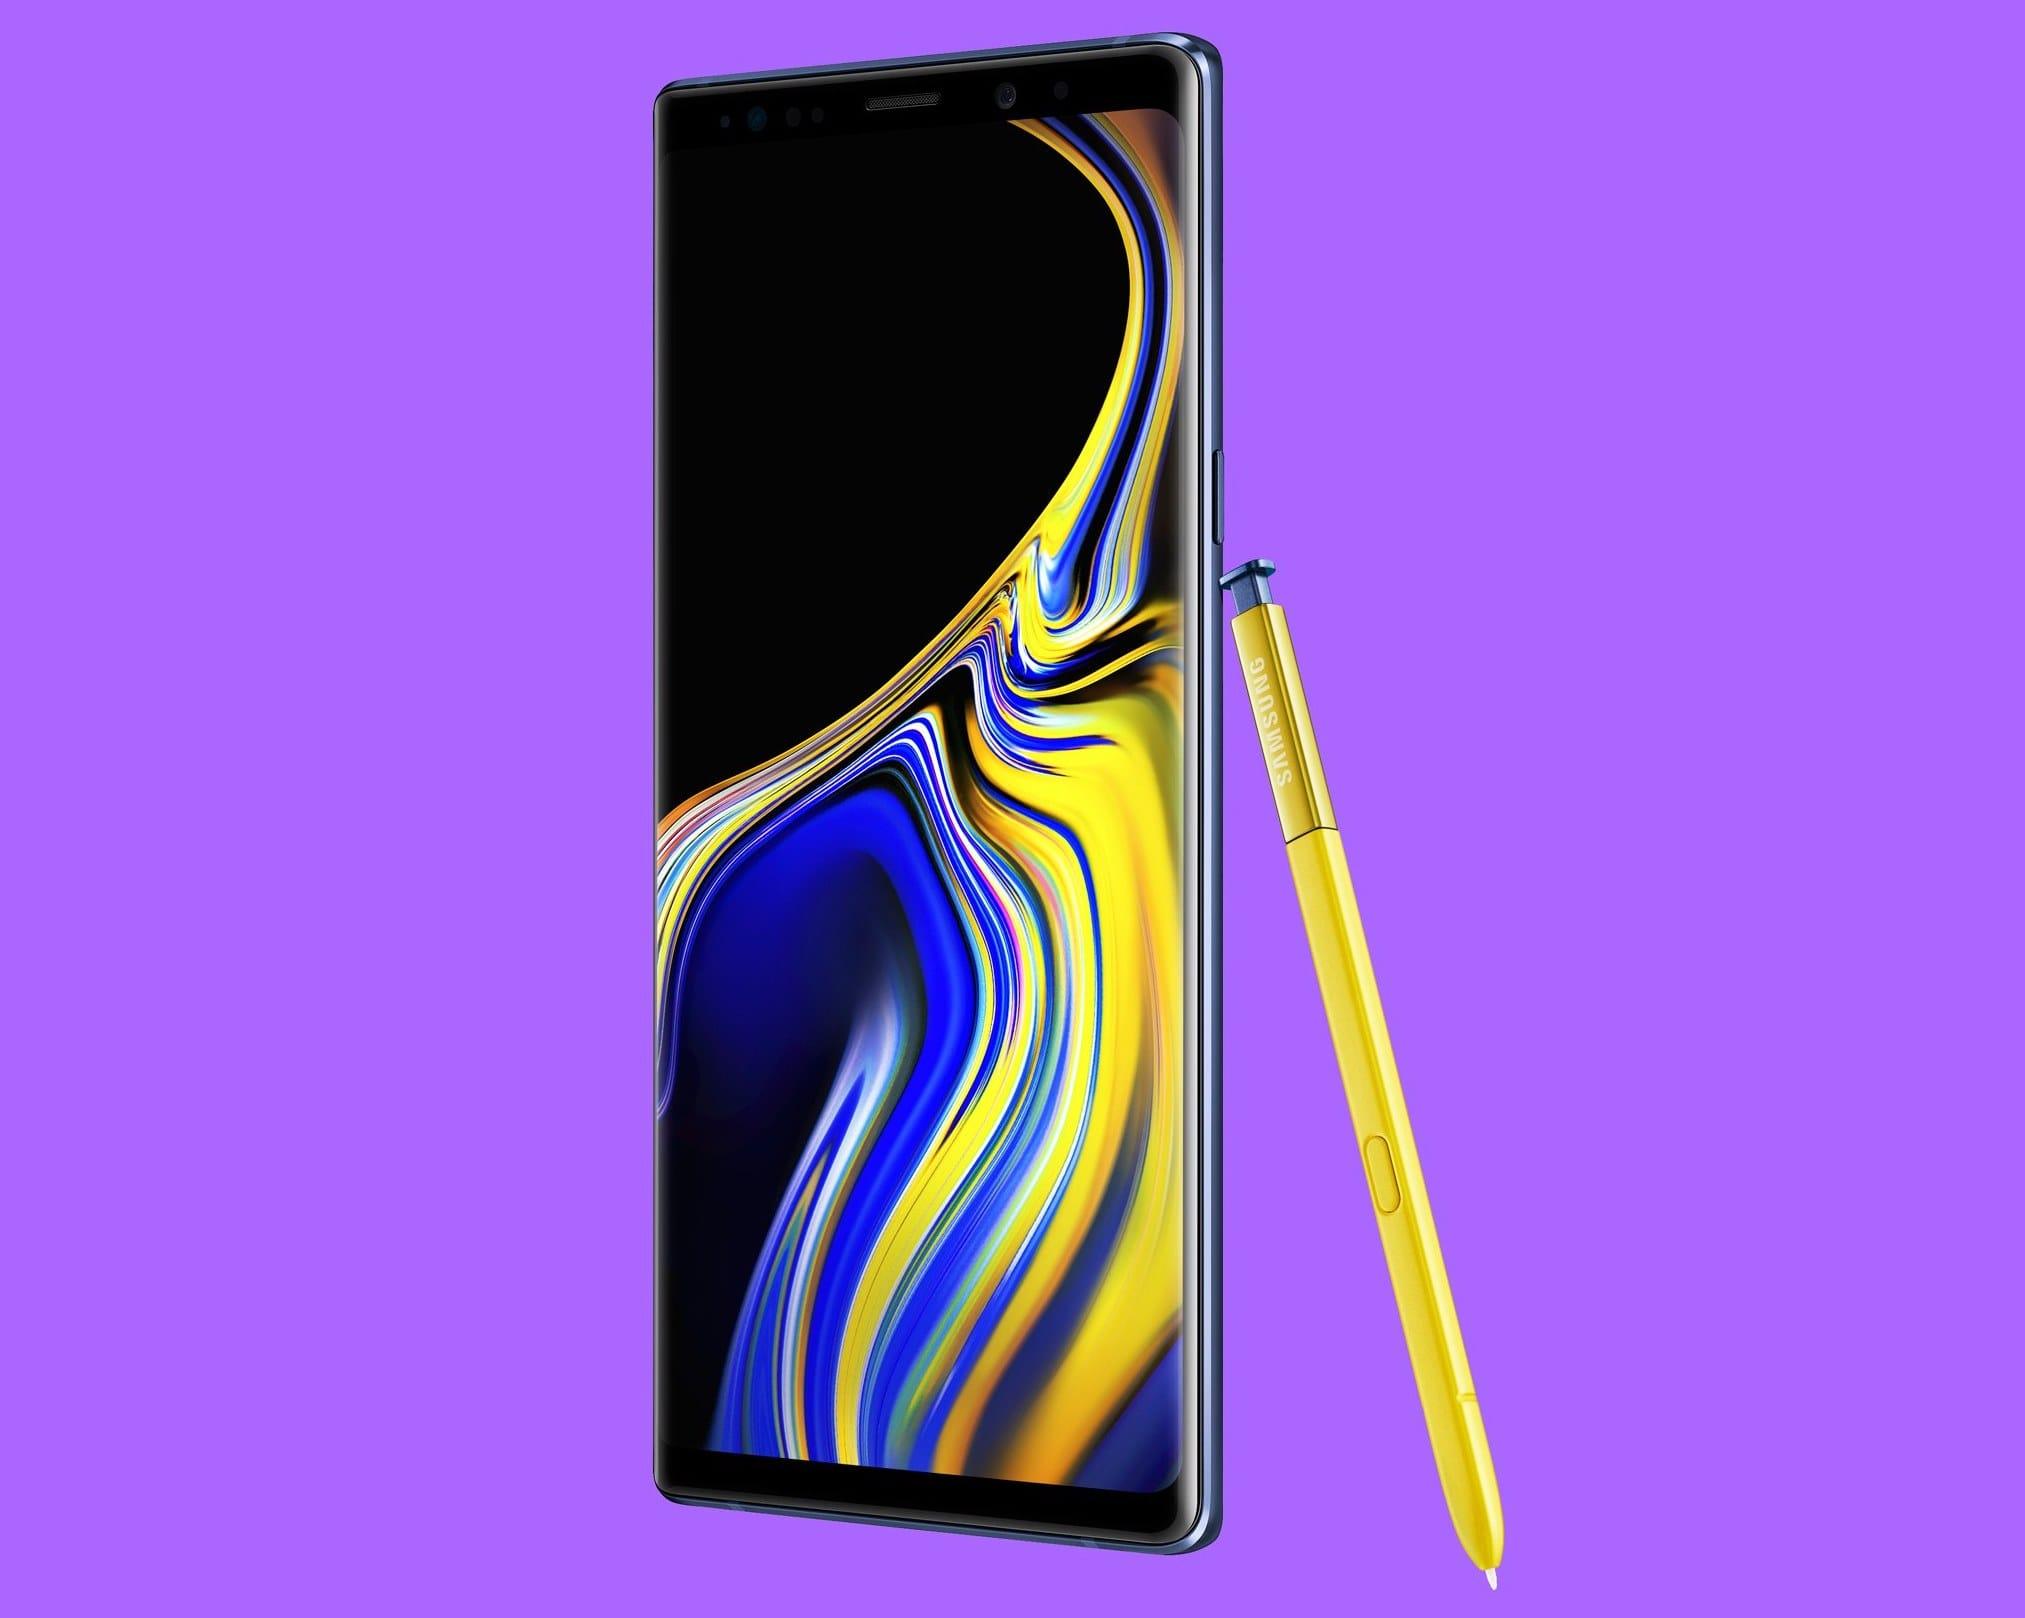 Специалисты DisplayMate назвали смартфон случшим вмире экраном